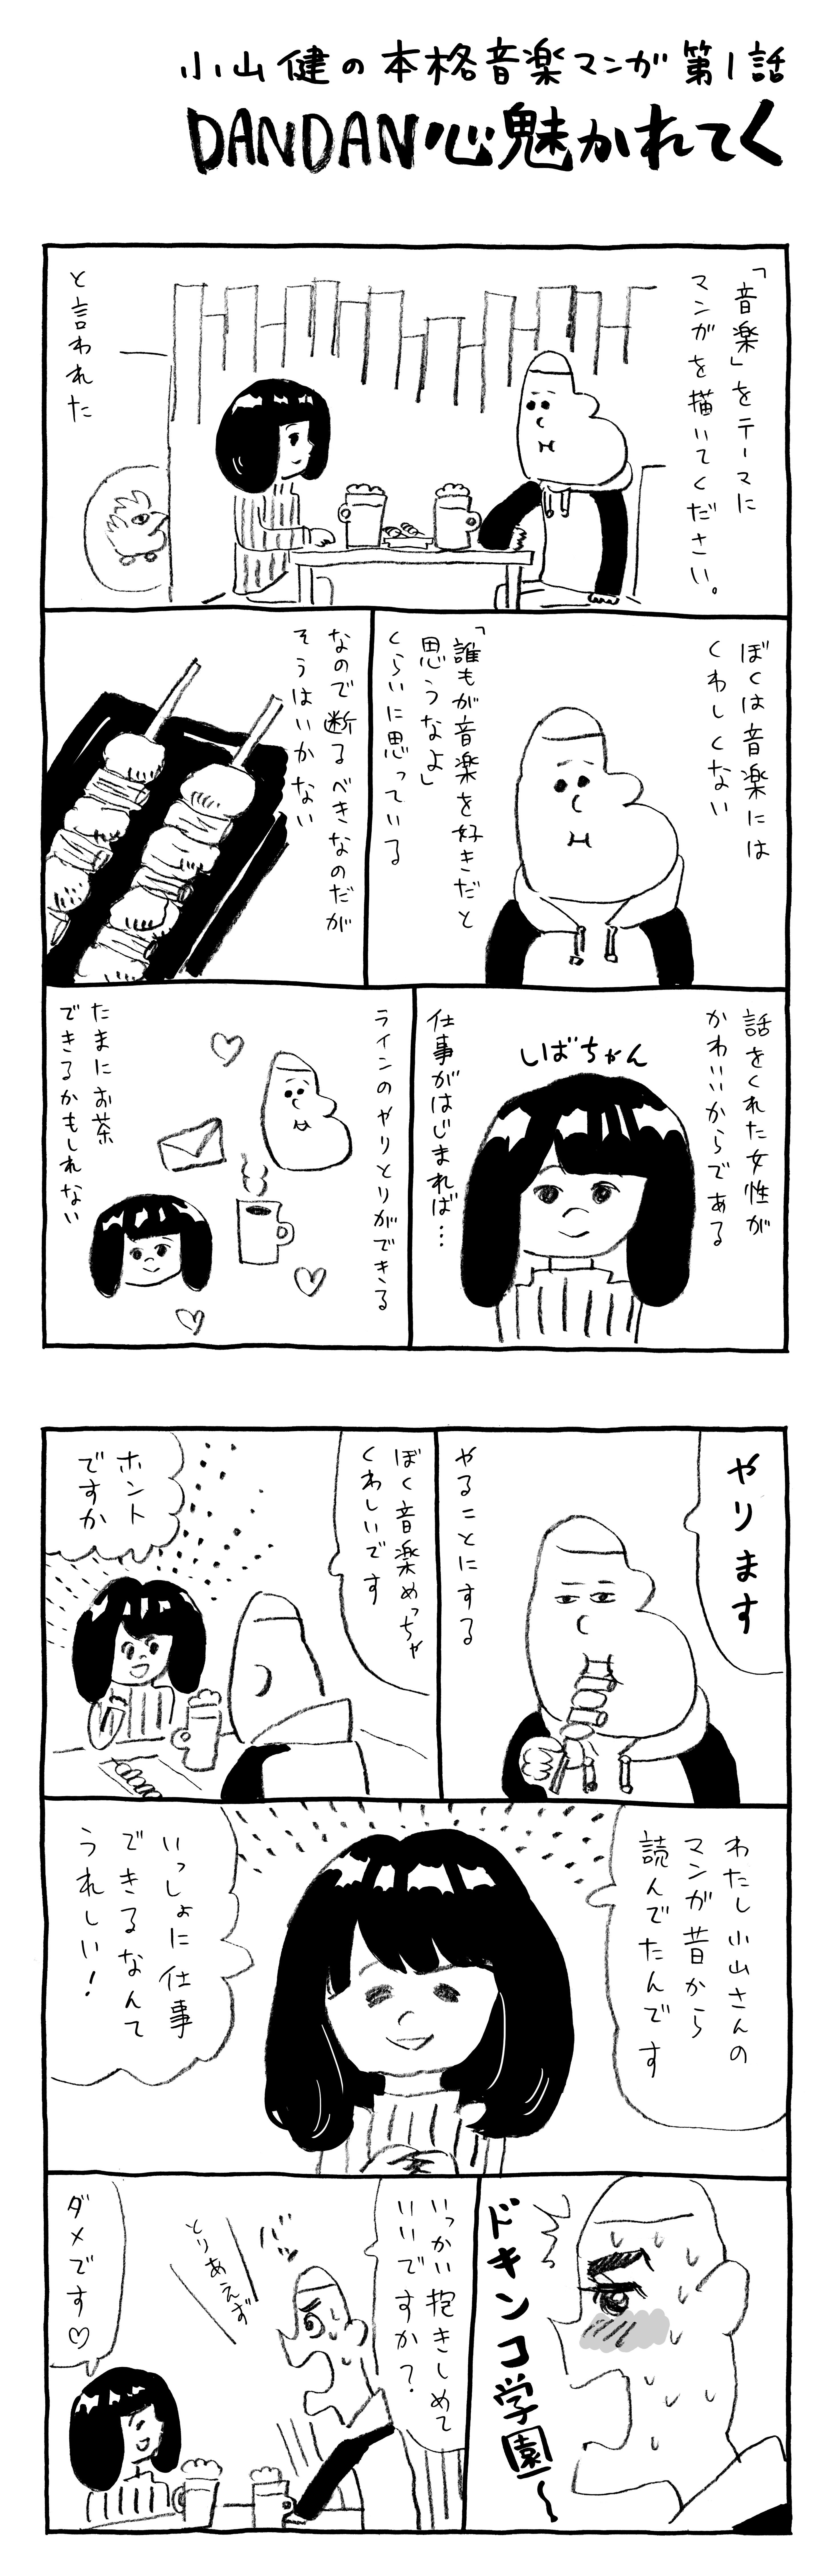 koyama-001